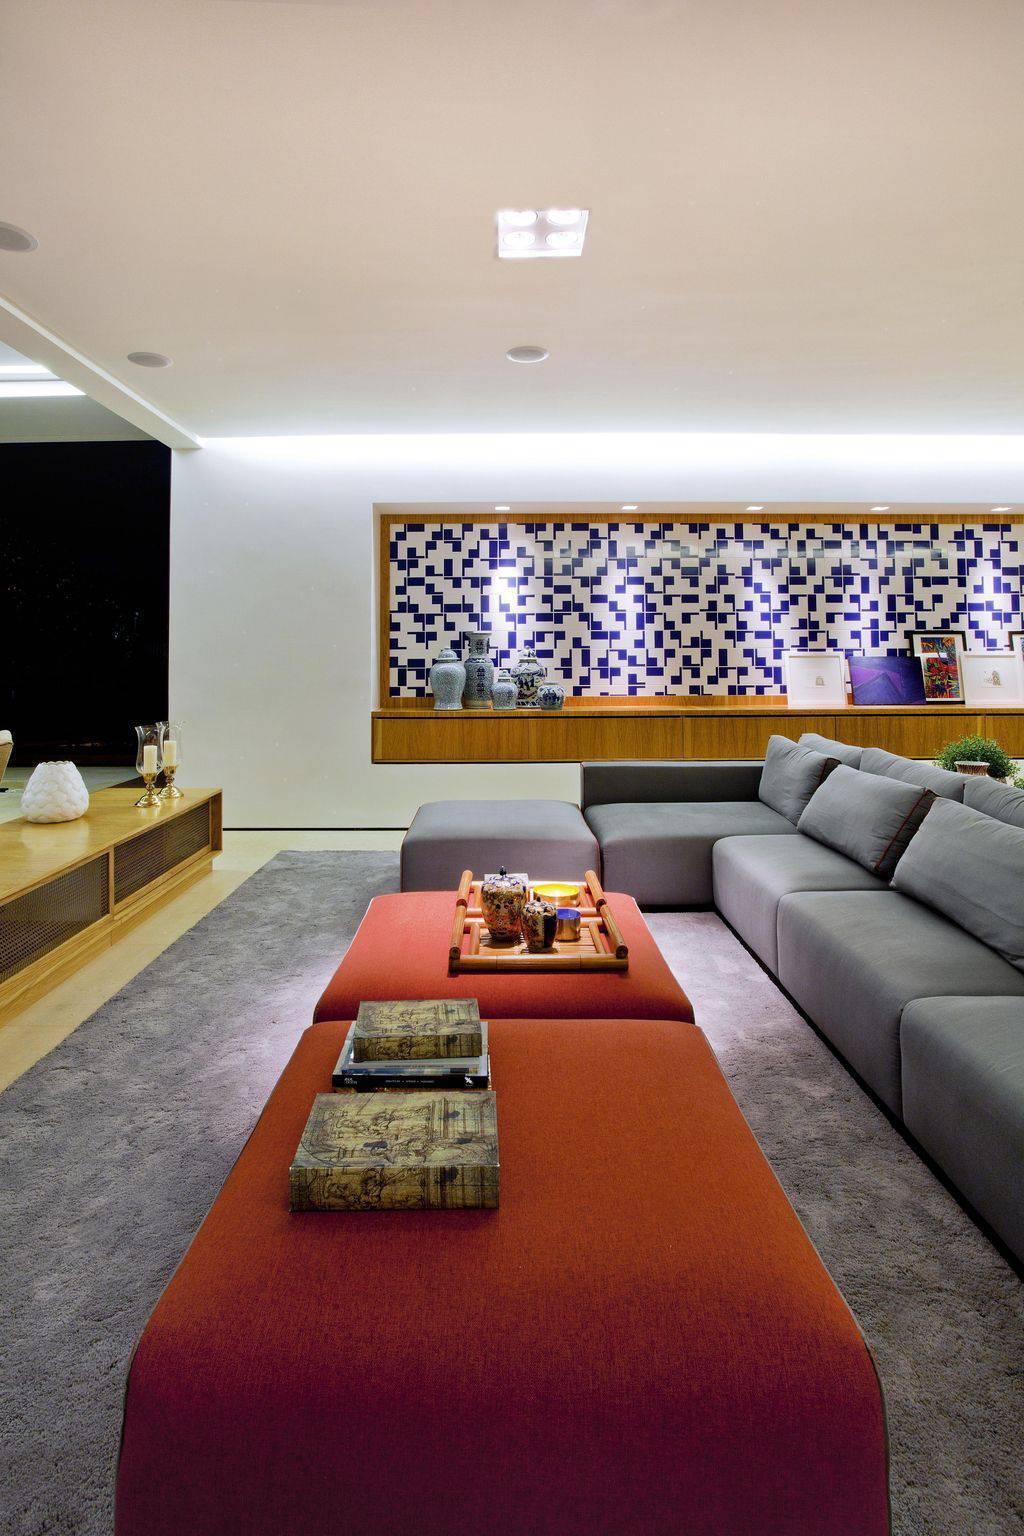 lampadas de led sala de estar branda ovarizo 4126